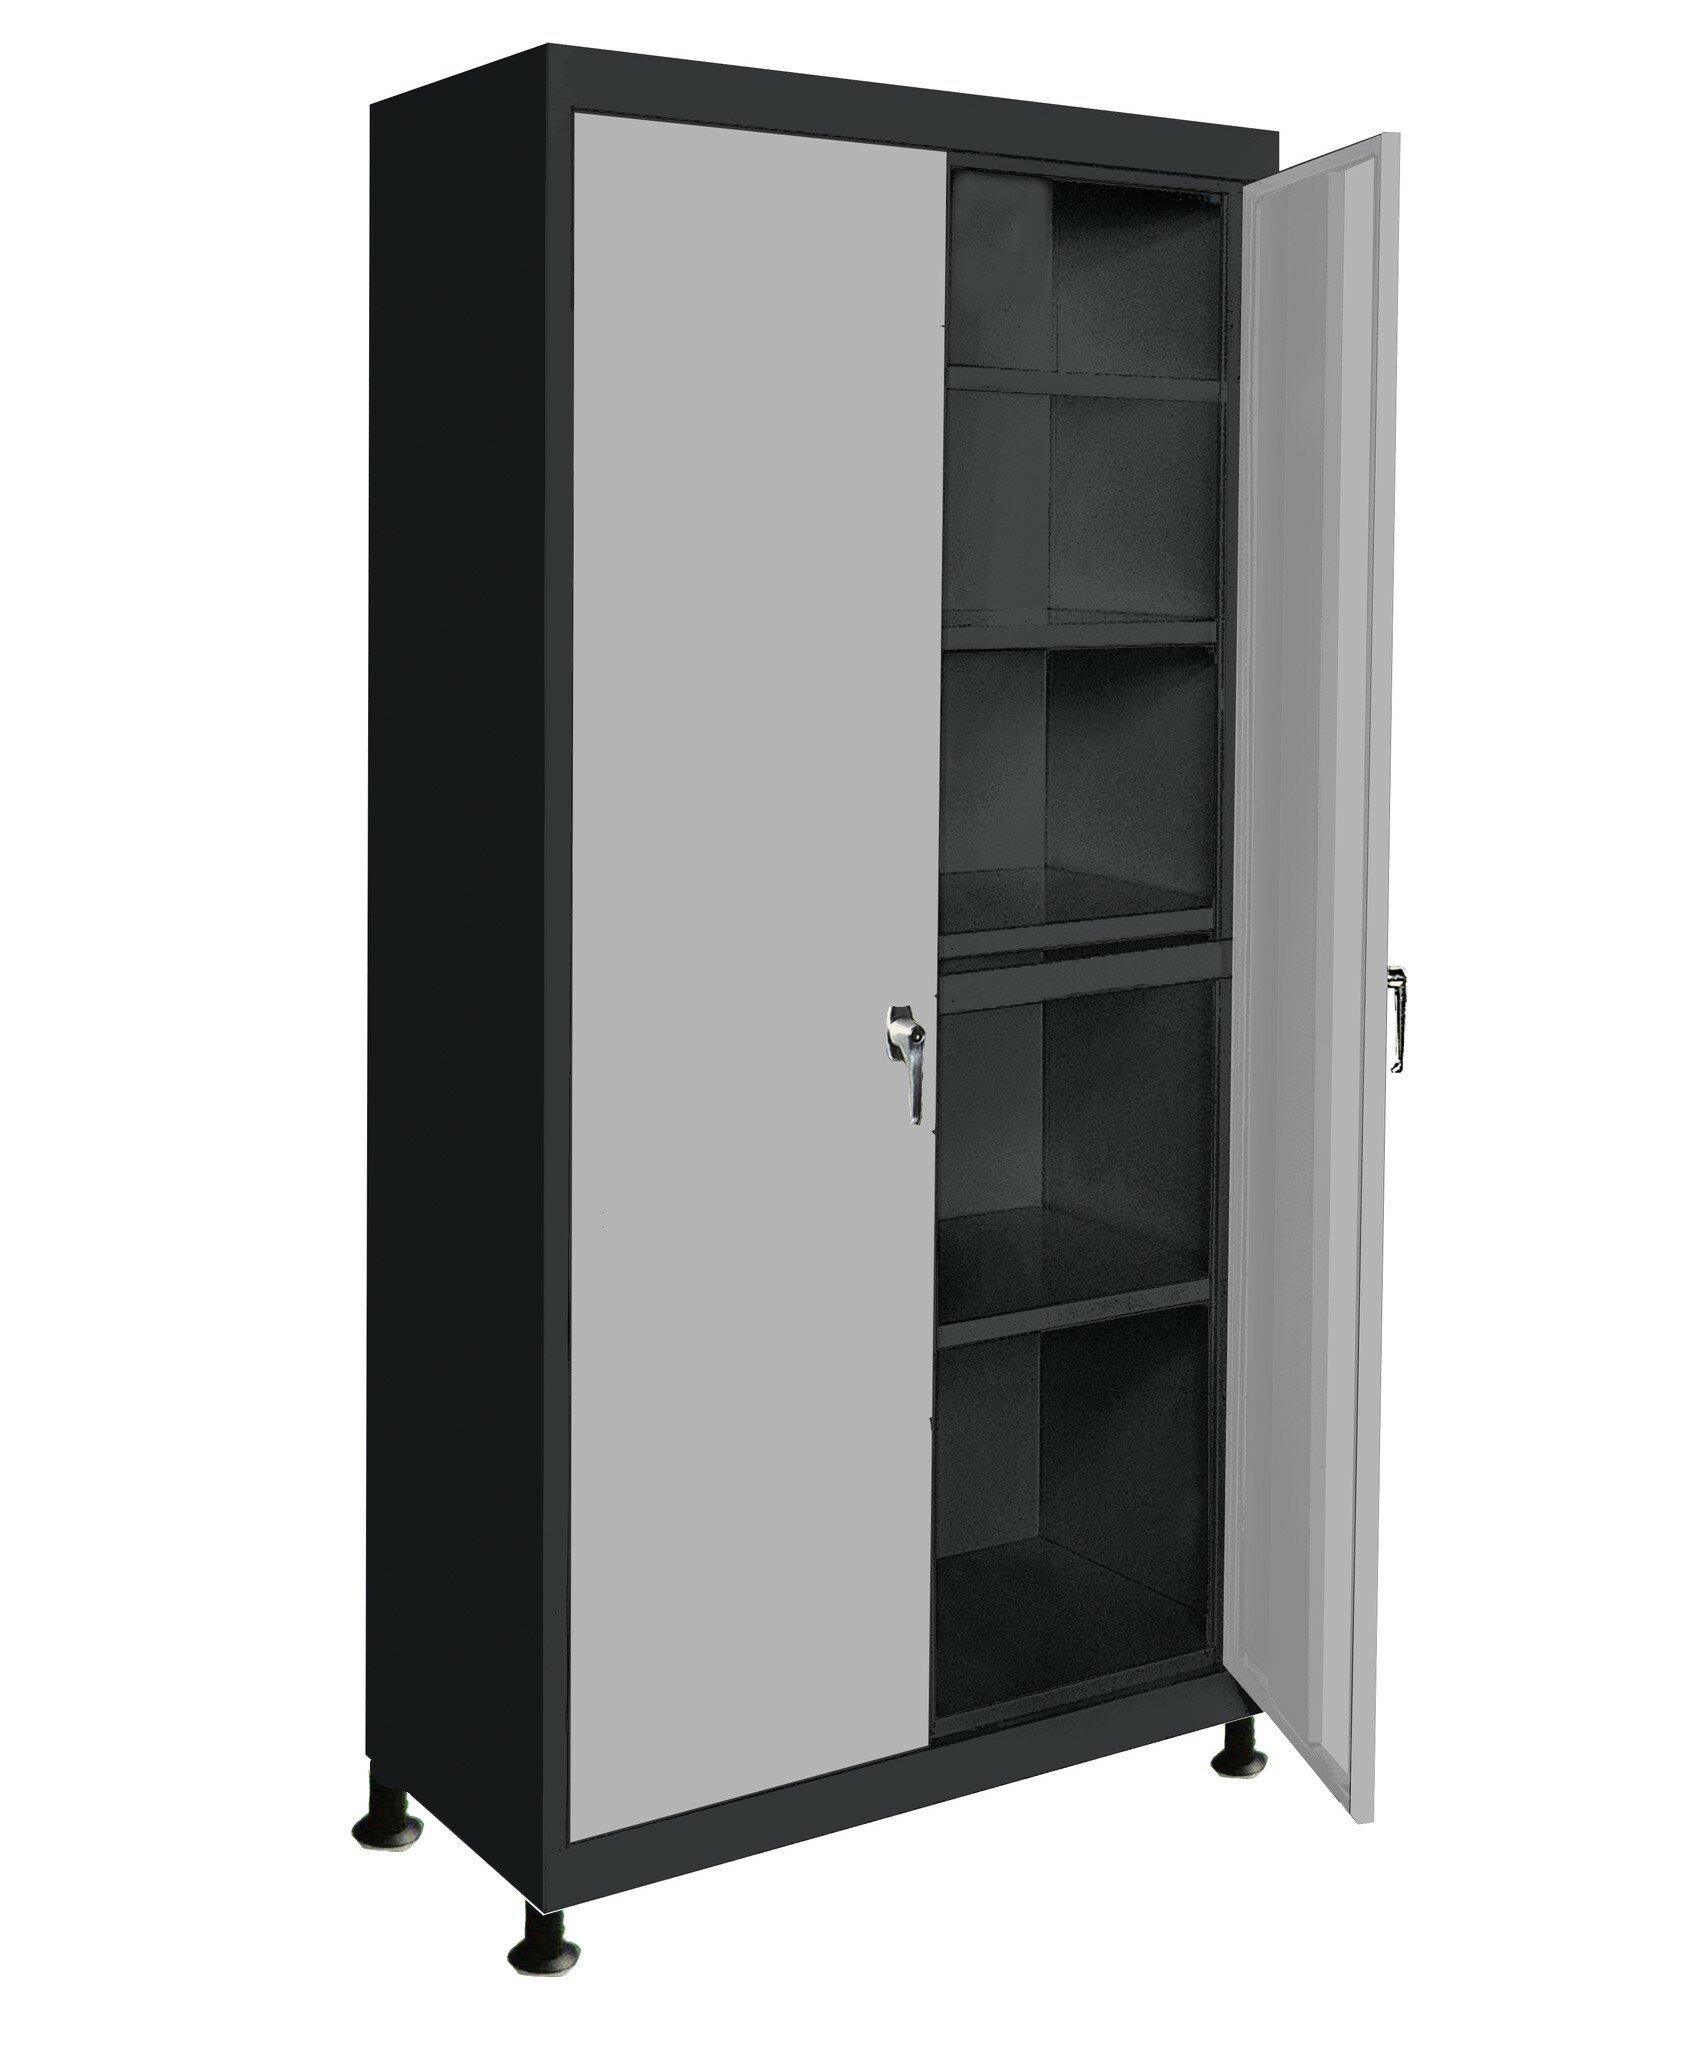 Wfx Utility Ayre 72 H X 36 W X 18 D Storage Cabinet Wayfair